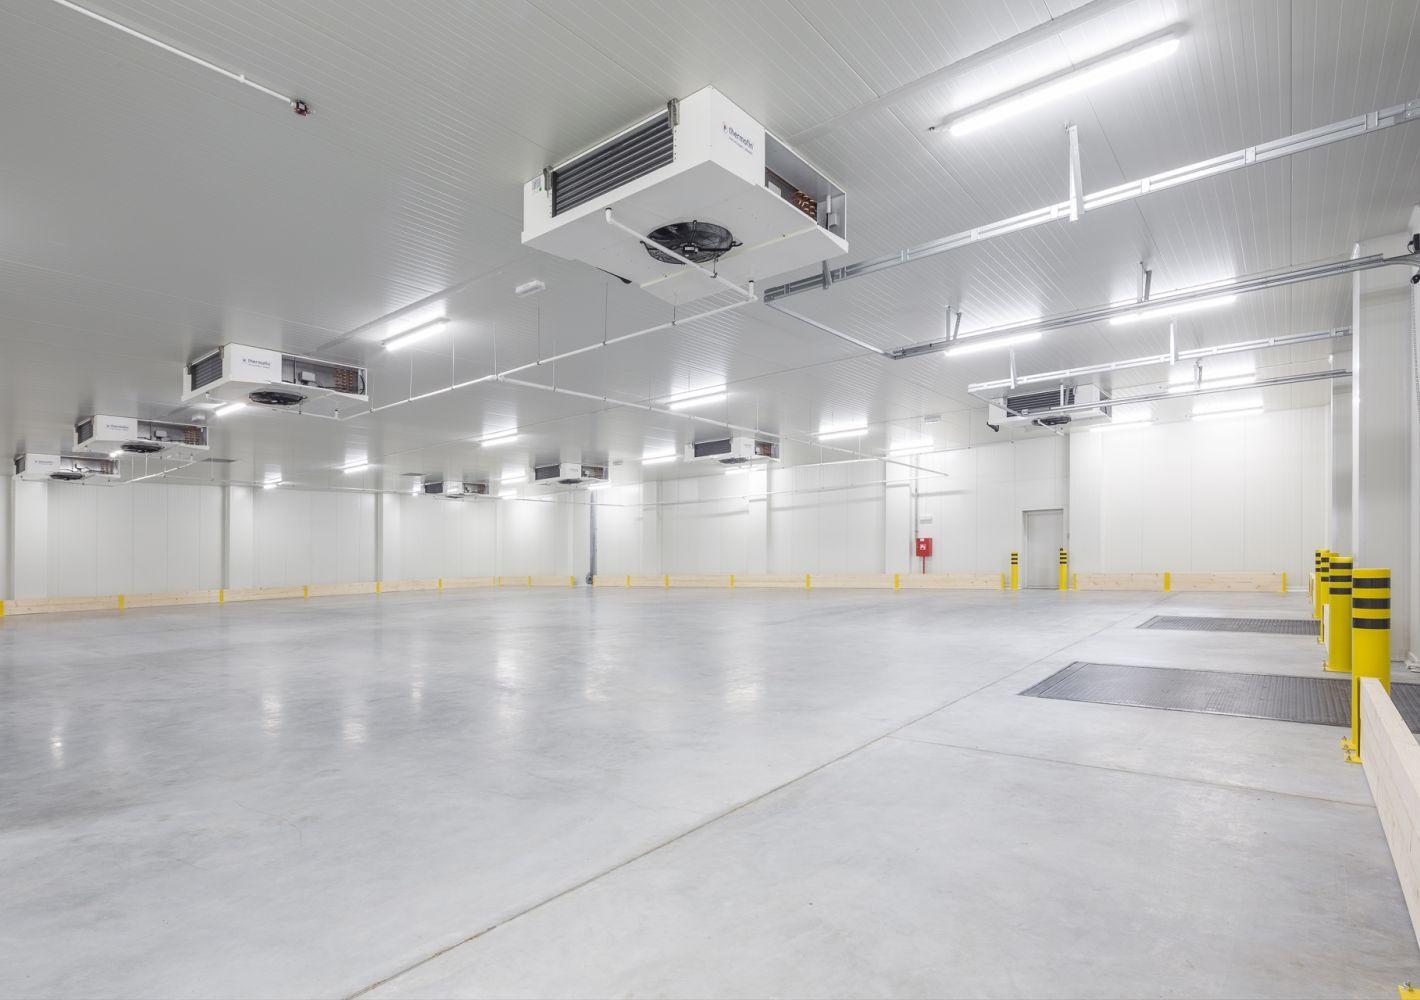 Instalacje klimatyzacji, chłodnicze